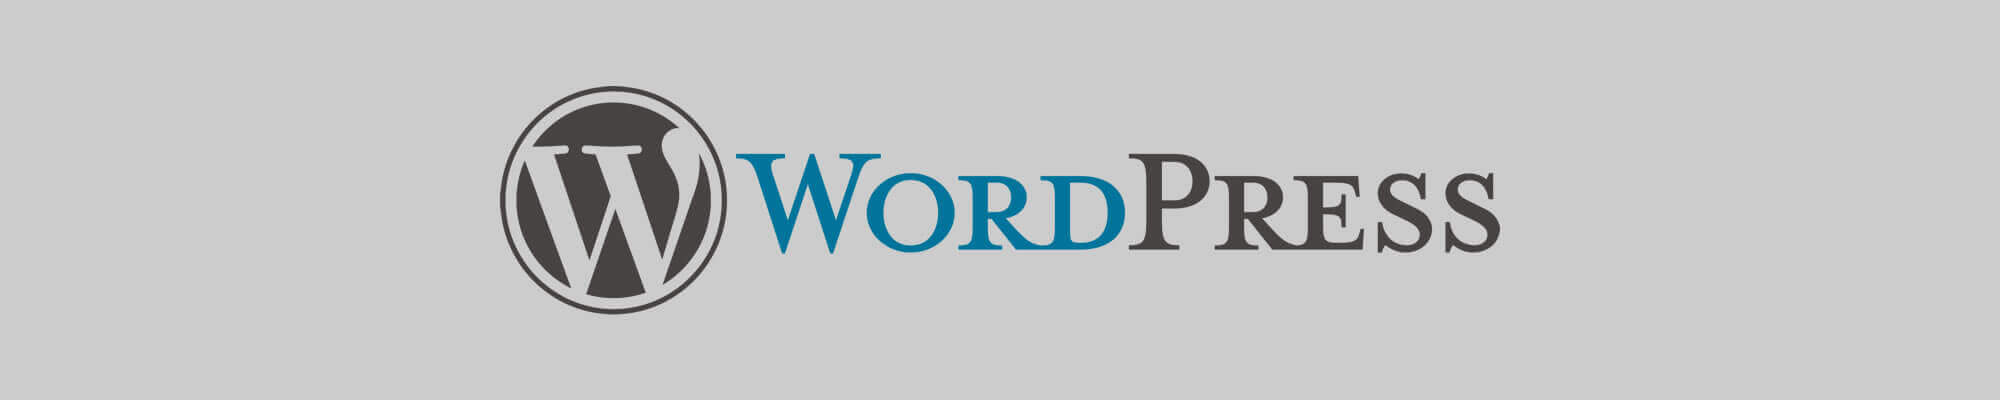 Agentur für maßgeschneiderte Lösungen mit WordPress